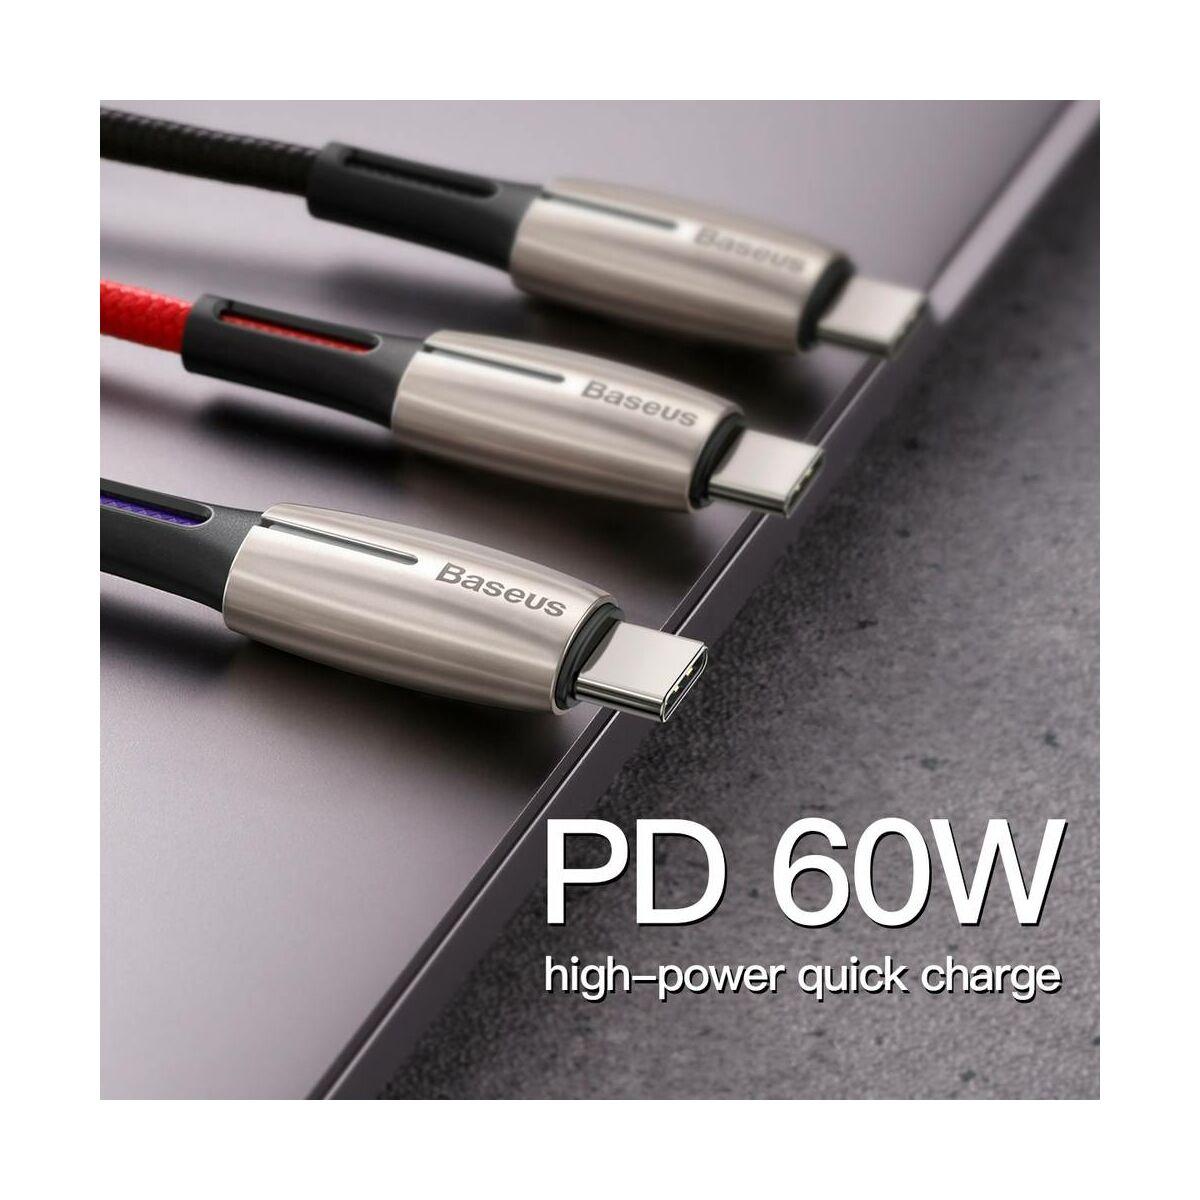 Baseus Type-C Water Drop-shaped Type-C PD 60W gyors töltő-és adatkábel, (20V, 3A), 2m, fekete (CATSD-K01)